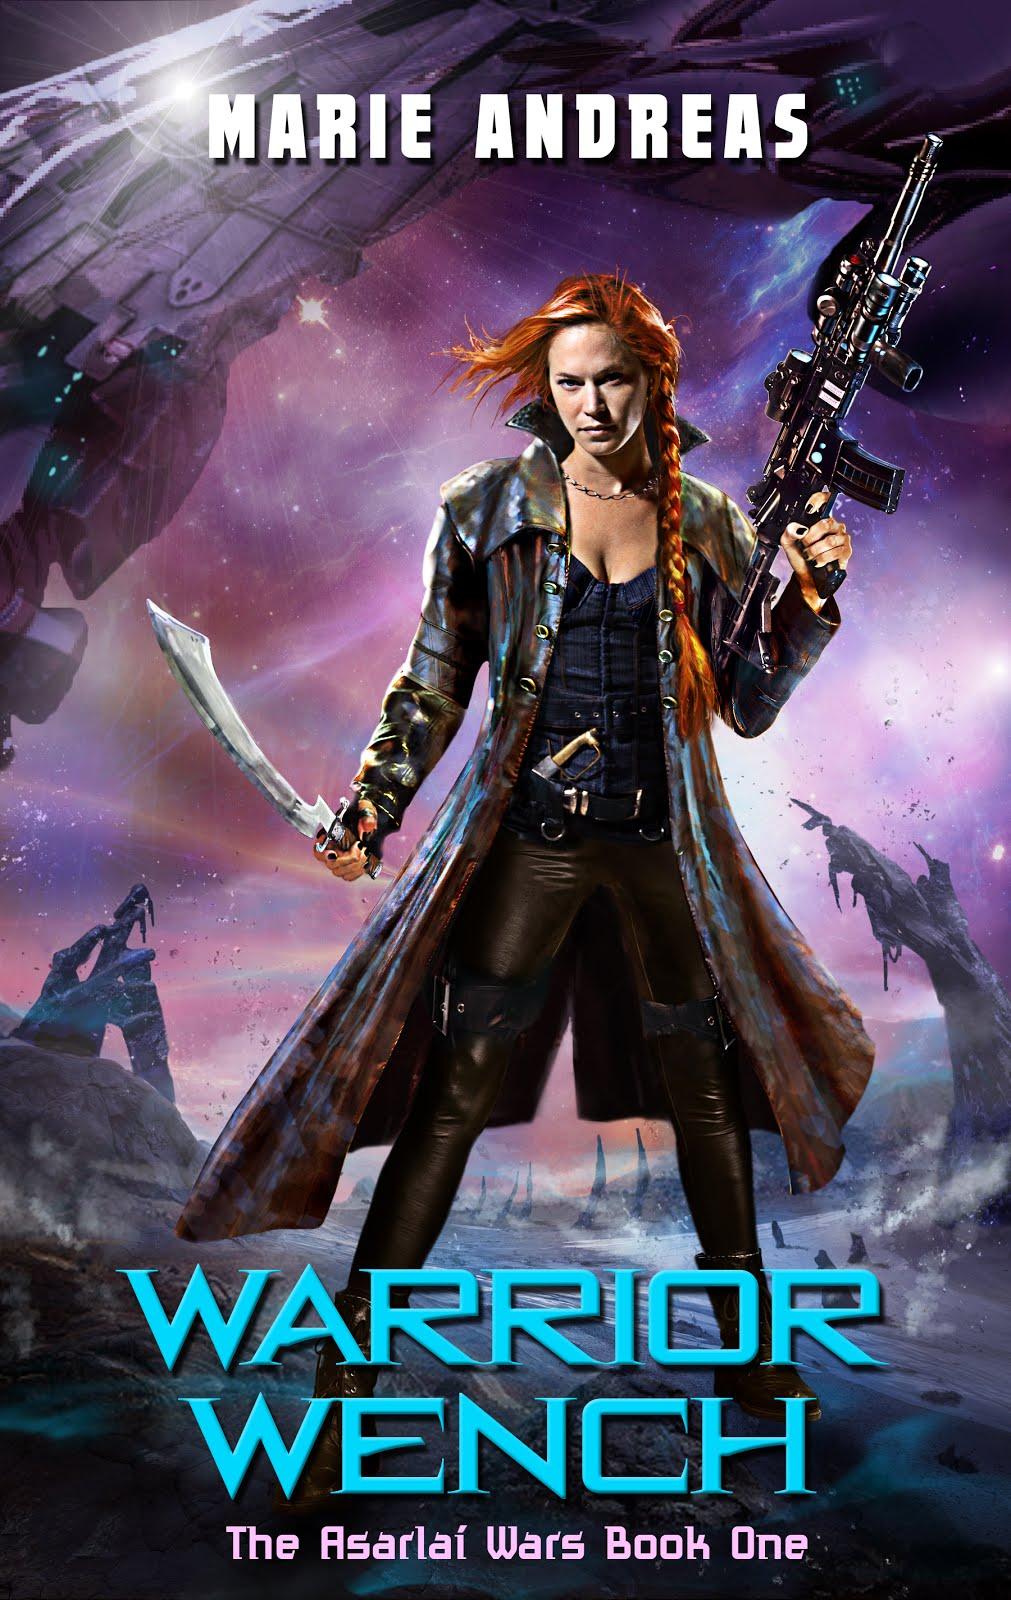 Warrior Wench